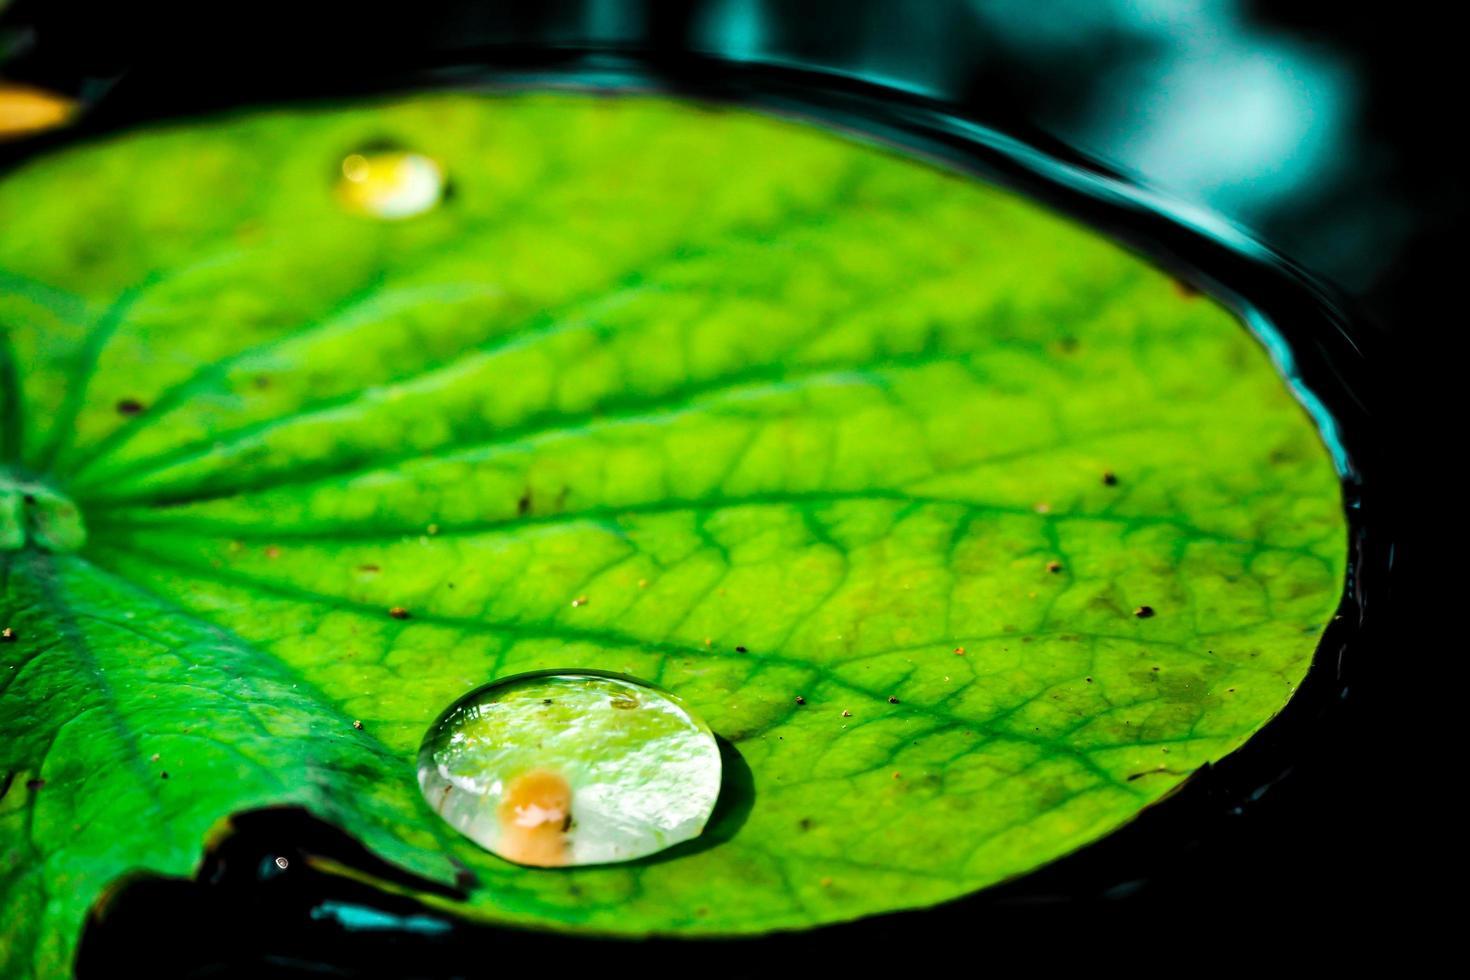 goutte deau sur feuille de lotus vert photo